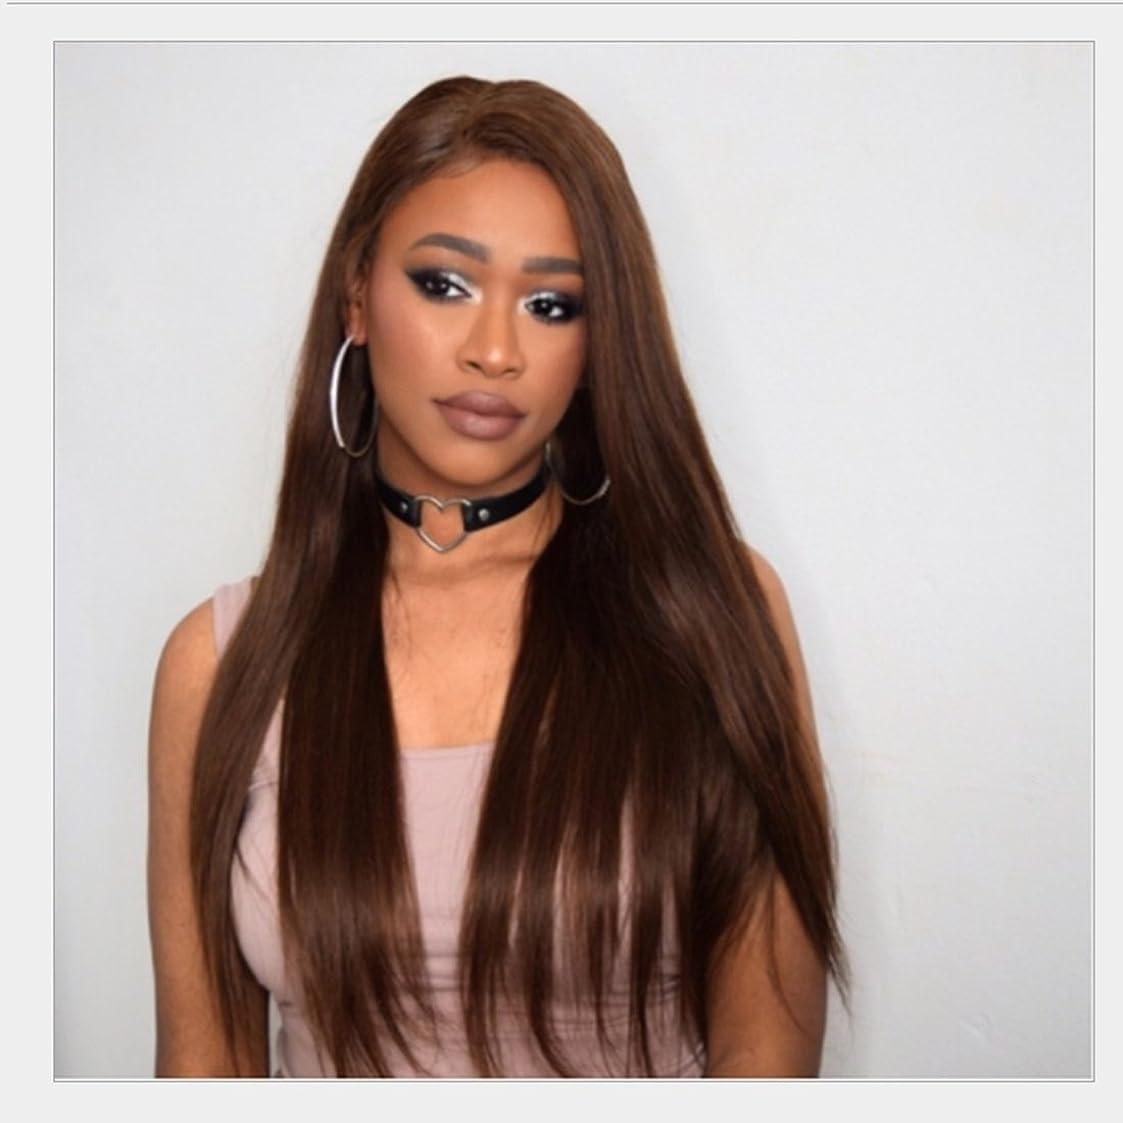 私たち松もっともらしいBOBIDYEE 女性のためのナチュラルチャーミングな女性のかつらロングストレートかつら中間点前髪付き人間のかつら、パーティーのためのナチュラルルッキングロングストレートウィッグ、コスプレ複合レースかつらロールプレイングかつら (色 : Brownish black)